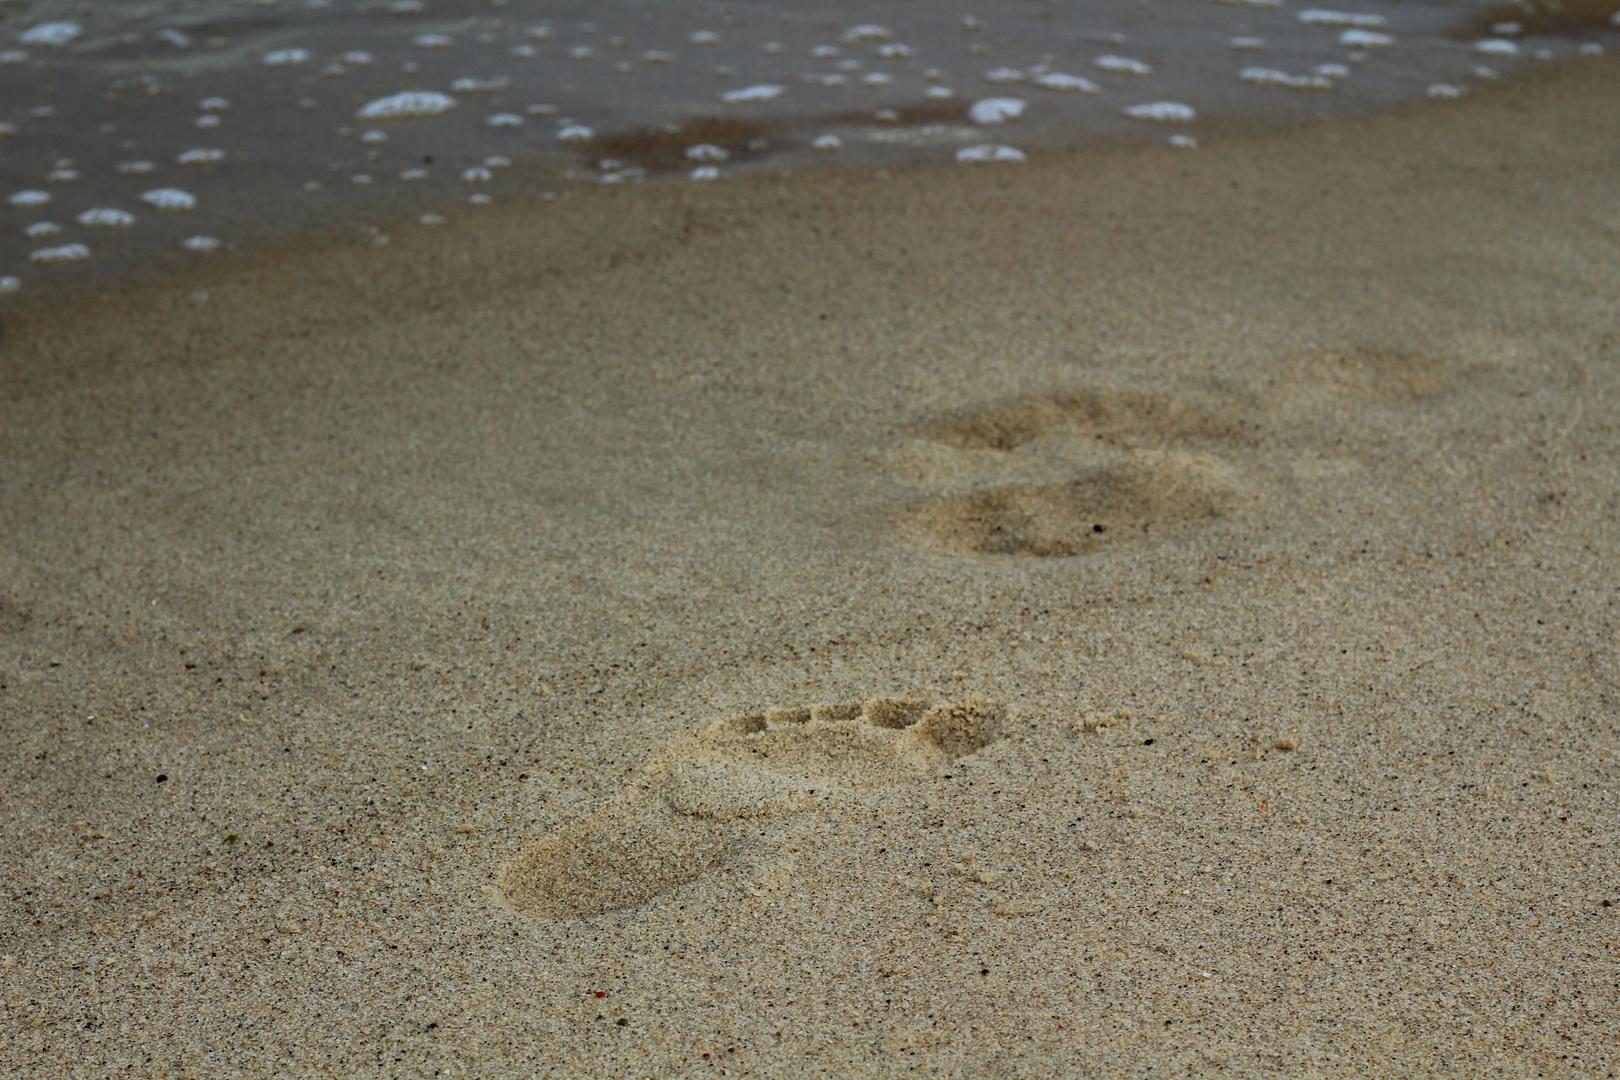 Deine Fußspurn im Sand, die ich gestern noch fand, sind heut nicht mehr da, das war mir doch klar :)